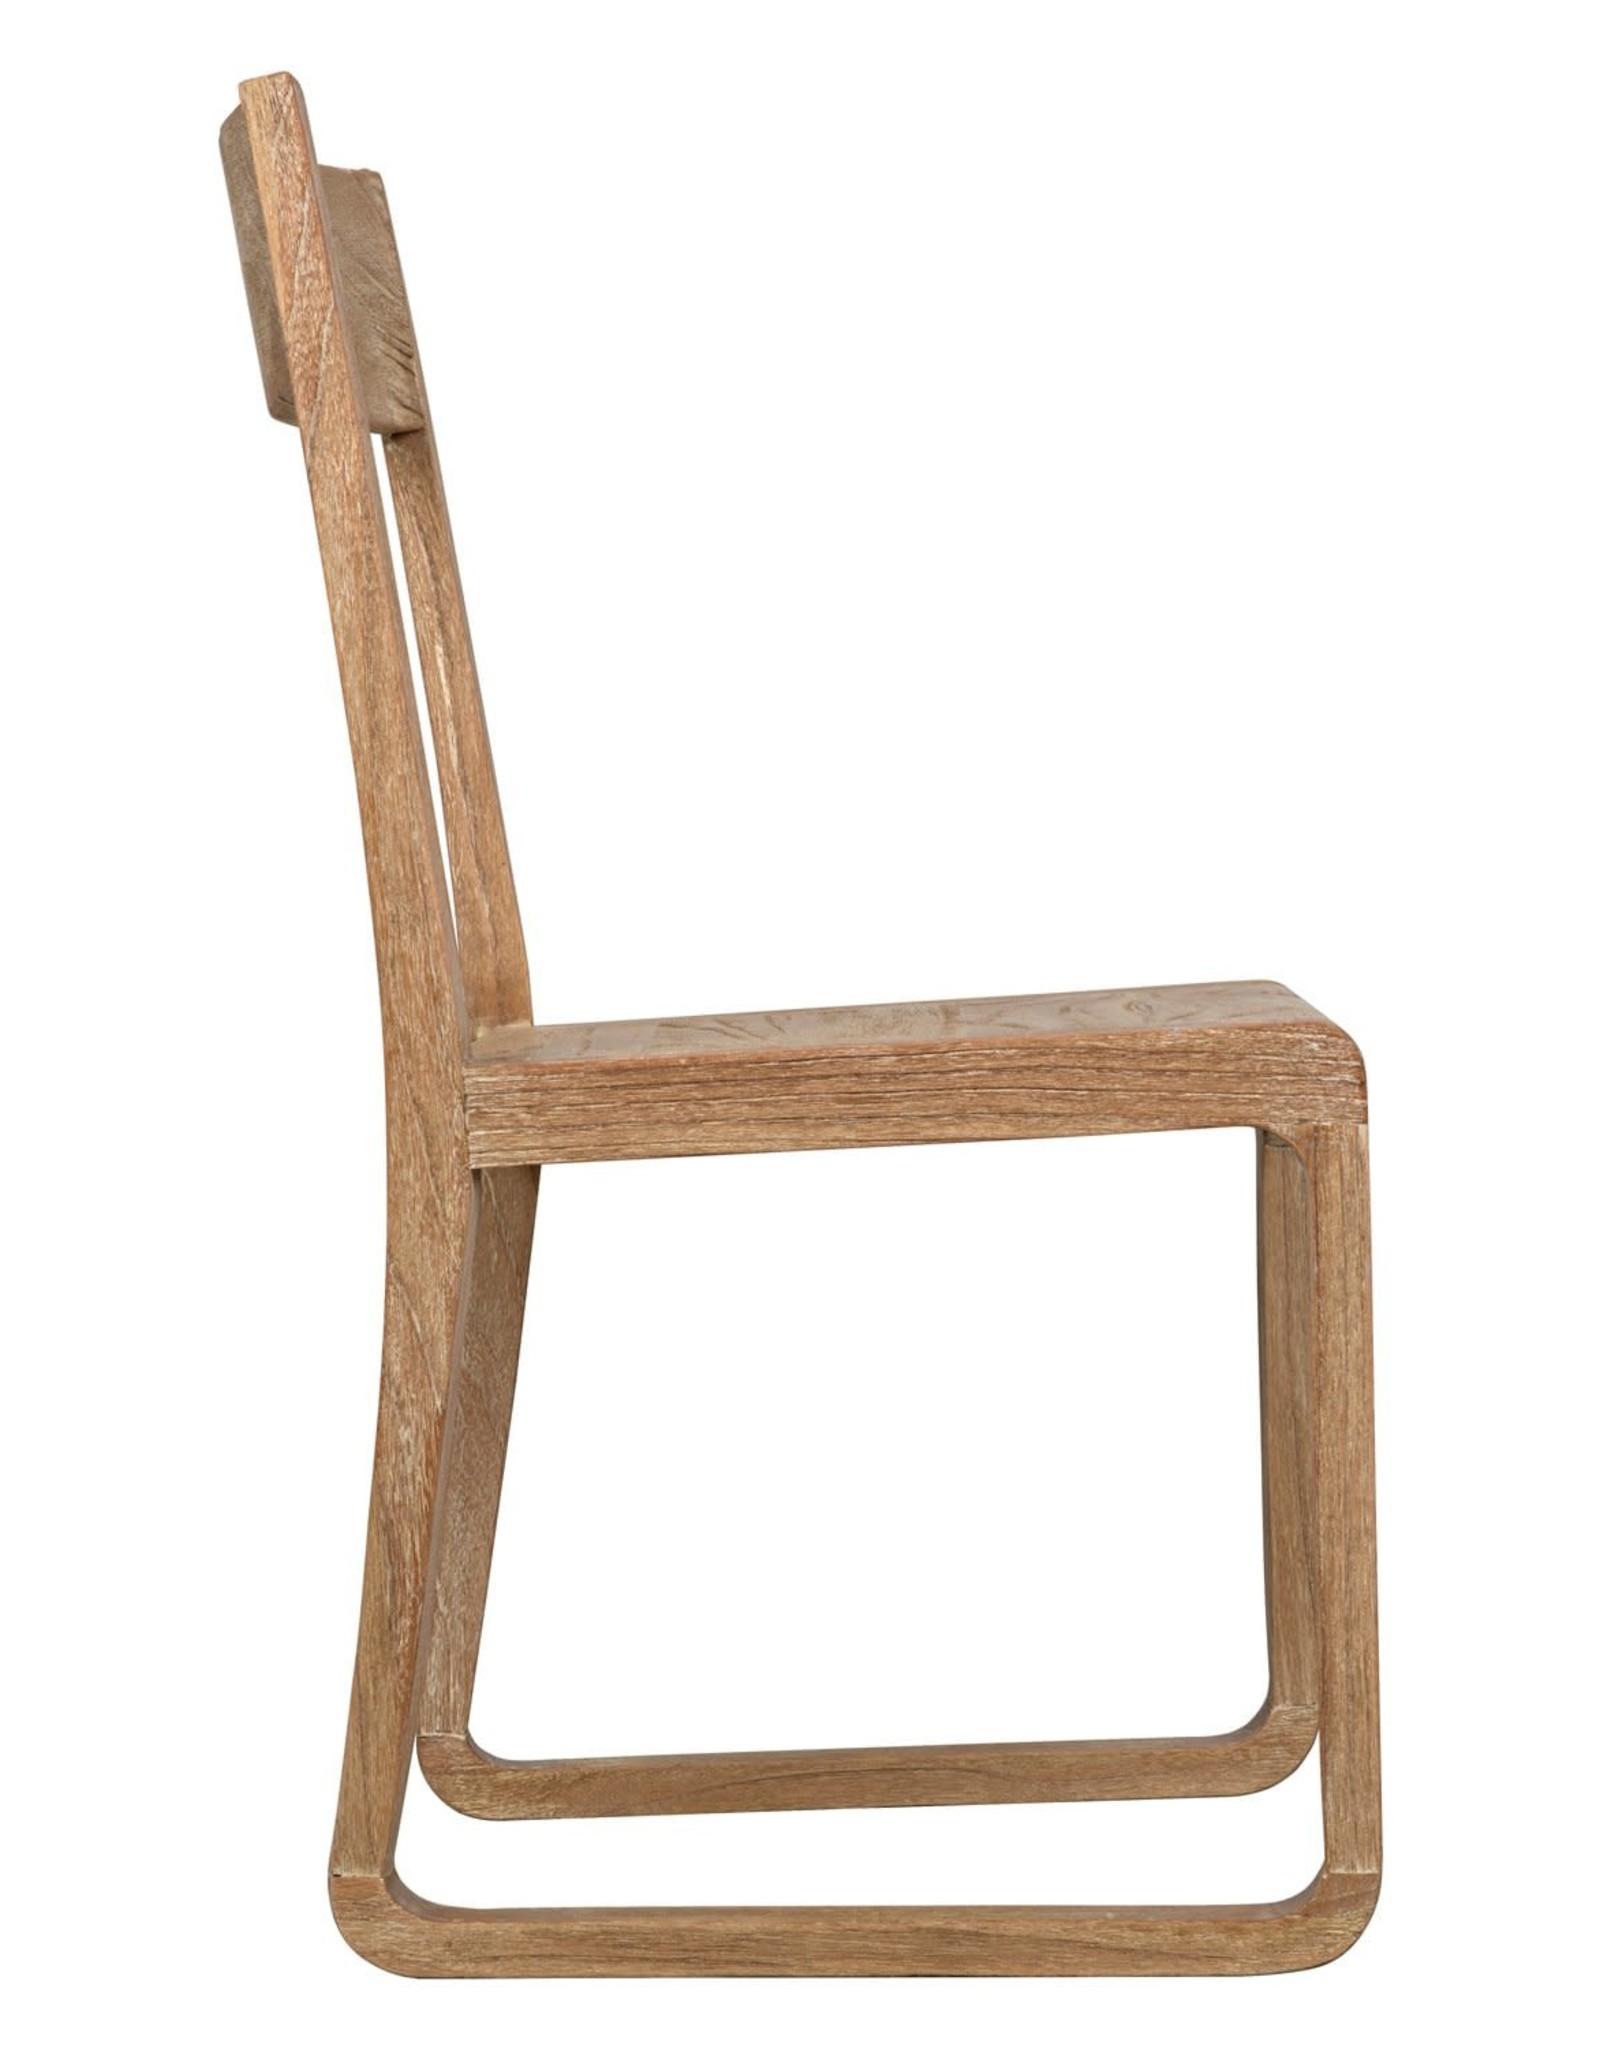 Website Noir Modal Chair